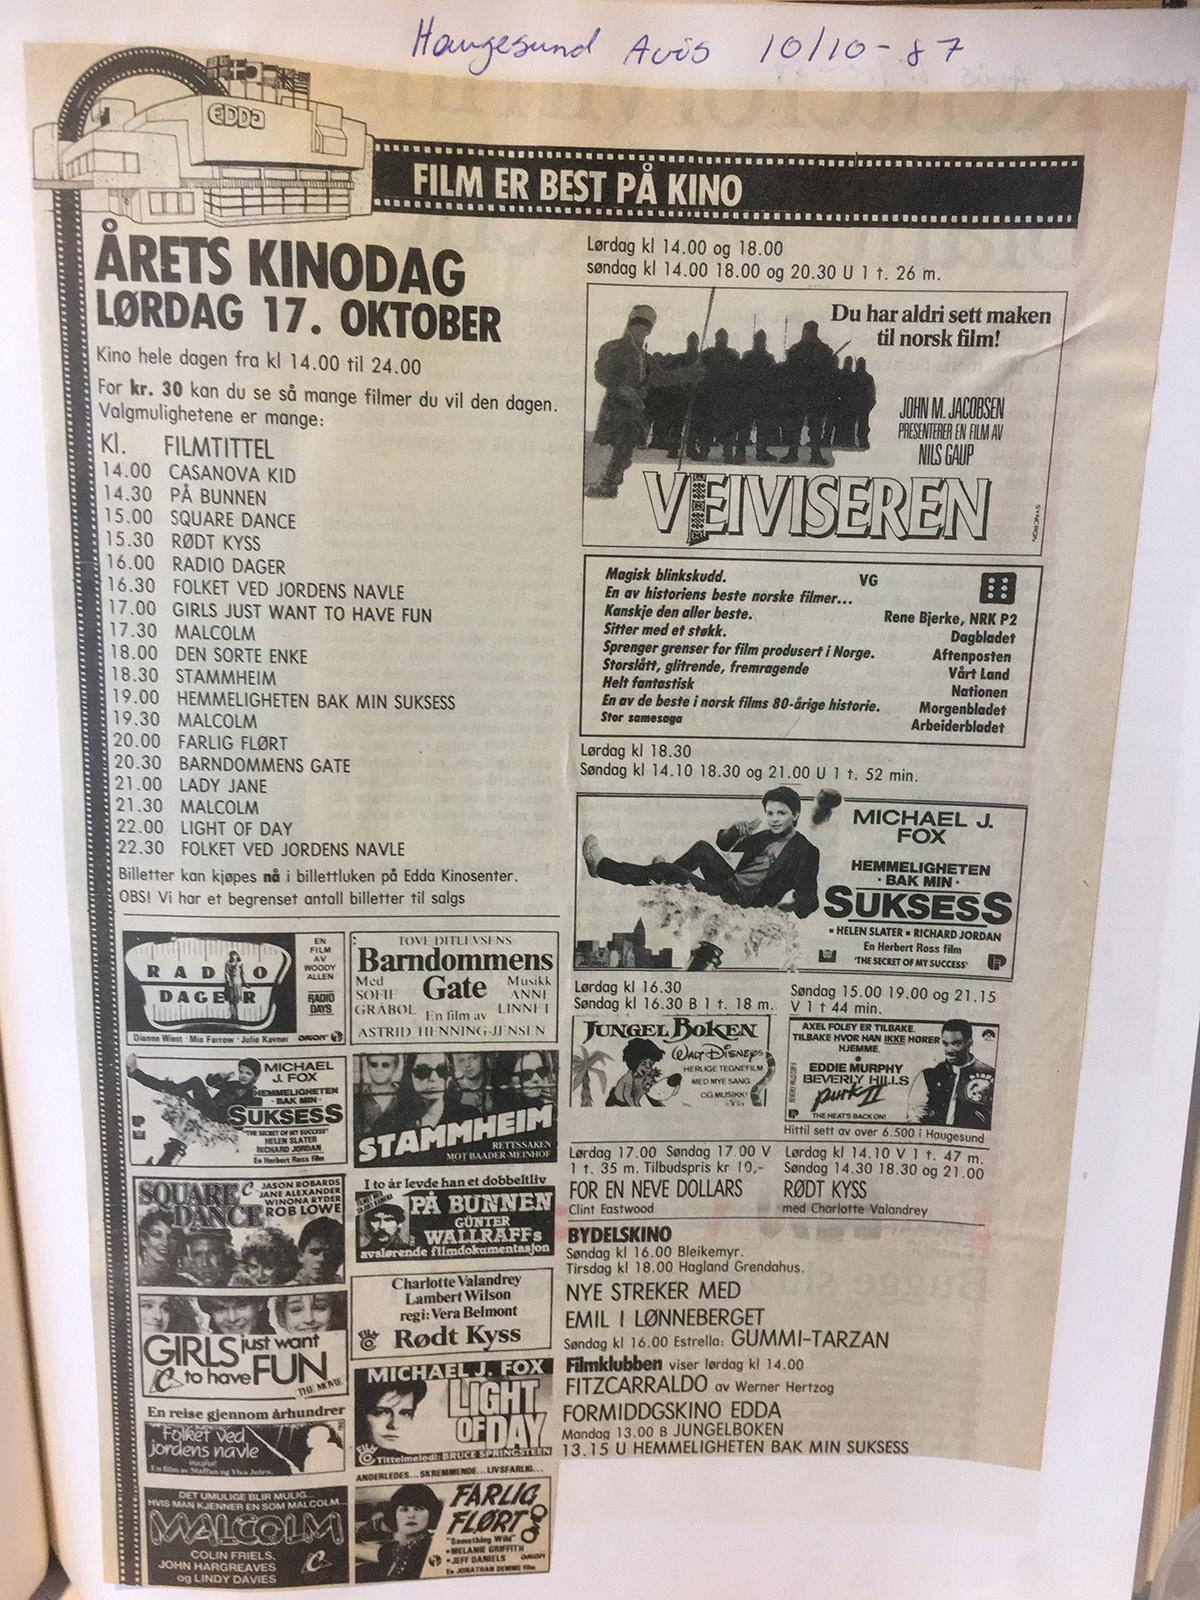 DEN FØRSTE KINODAGEN: Lørdag 17.10.1987. Her annonsen fra Haugesunds Avis.